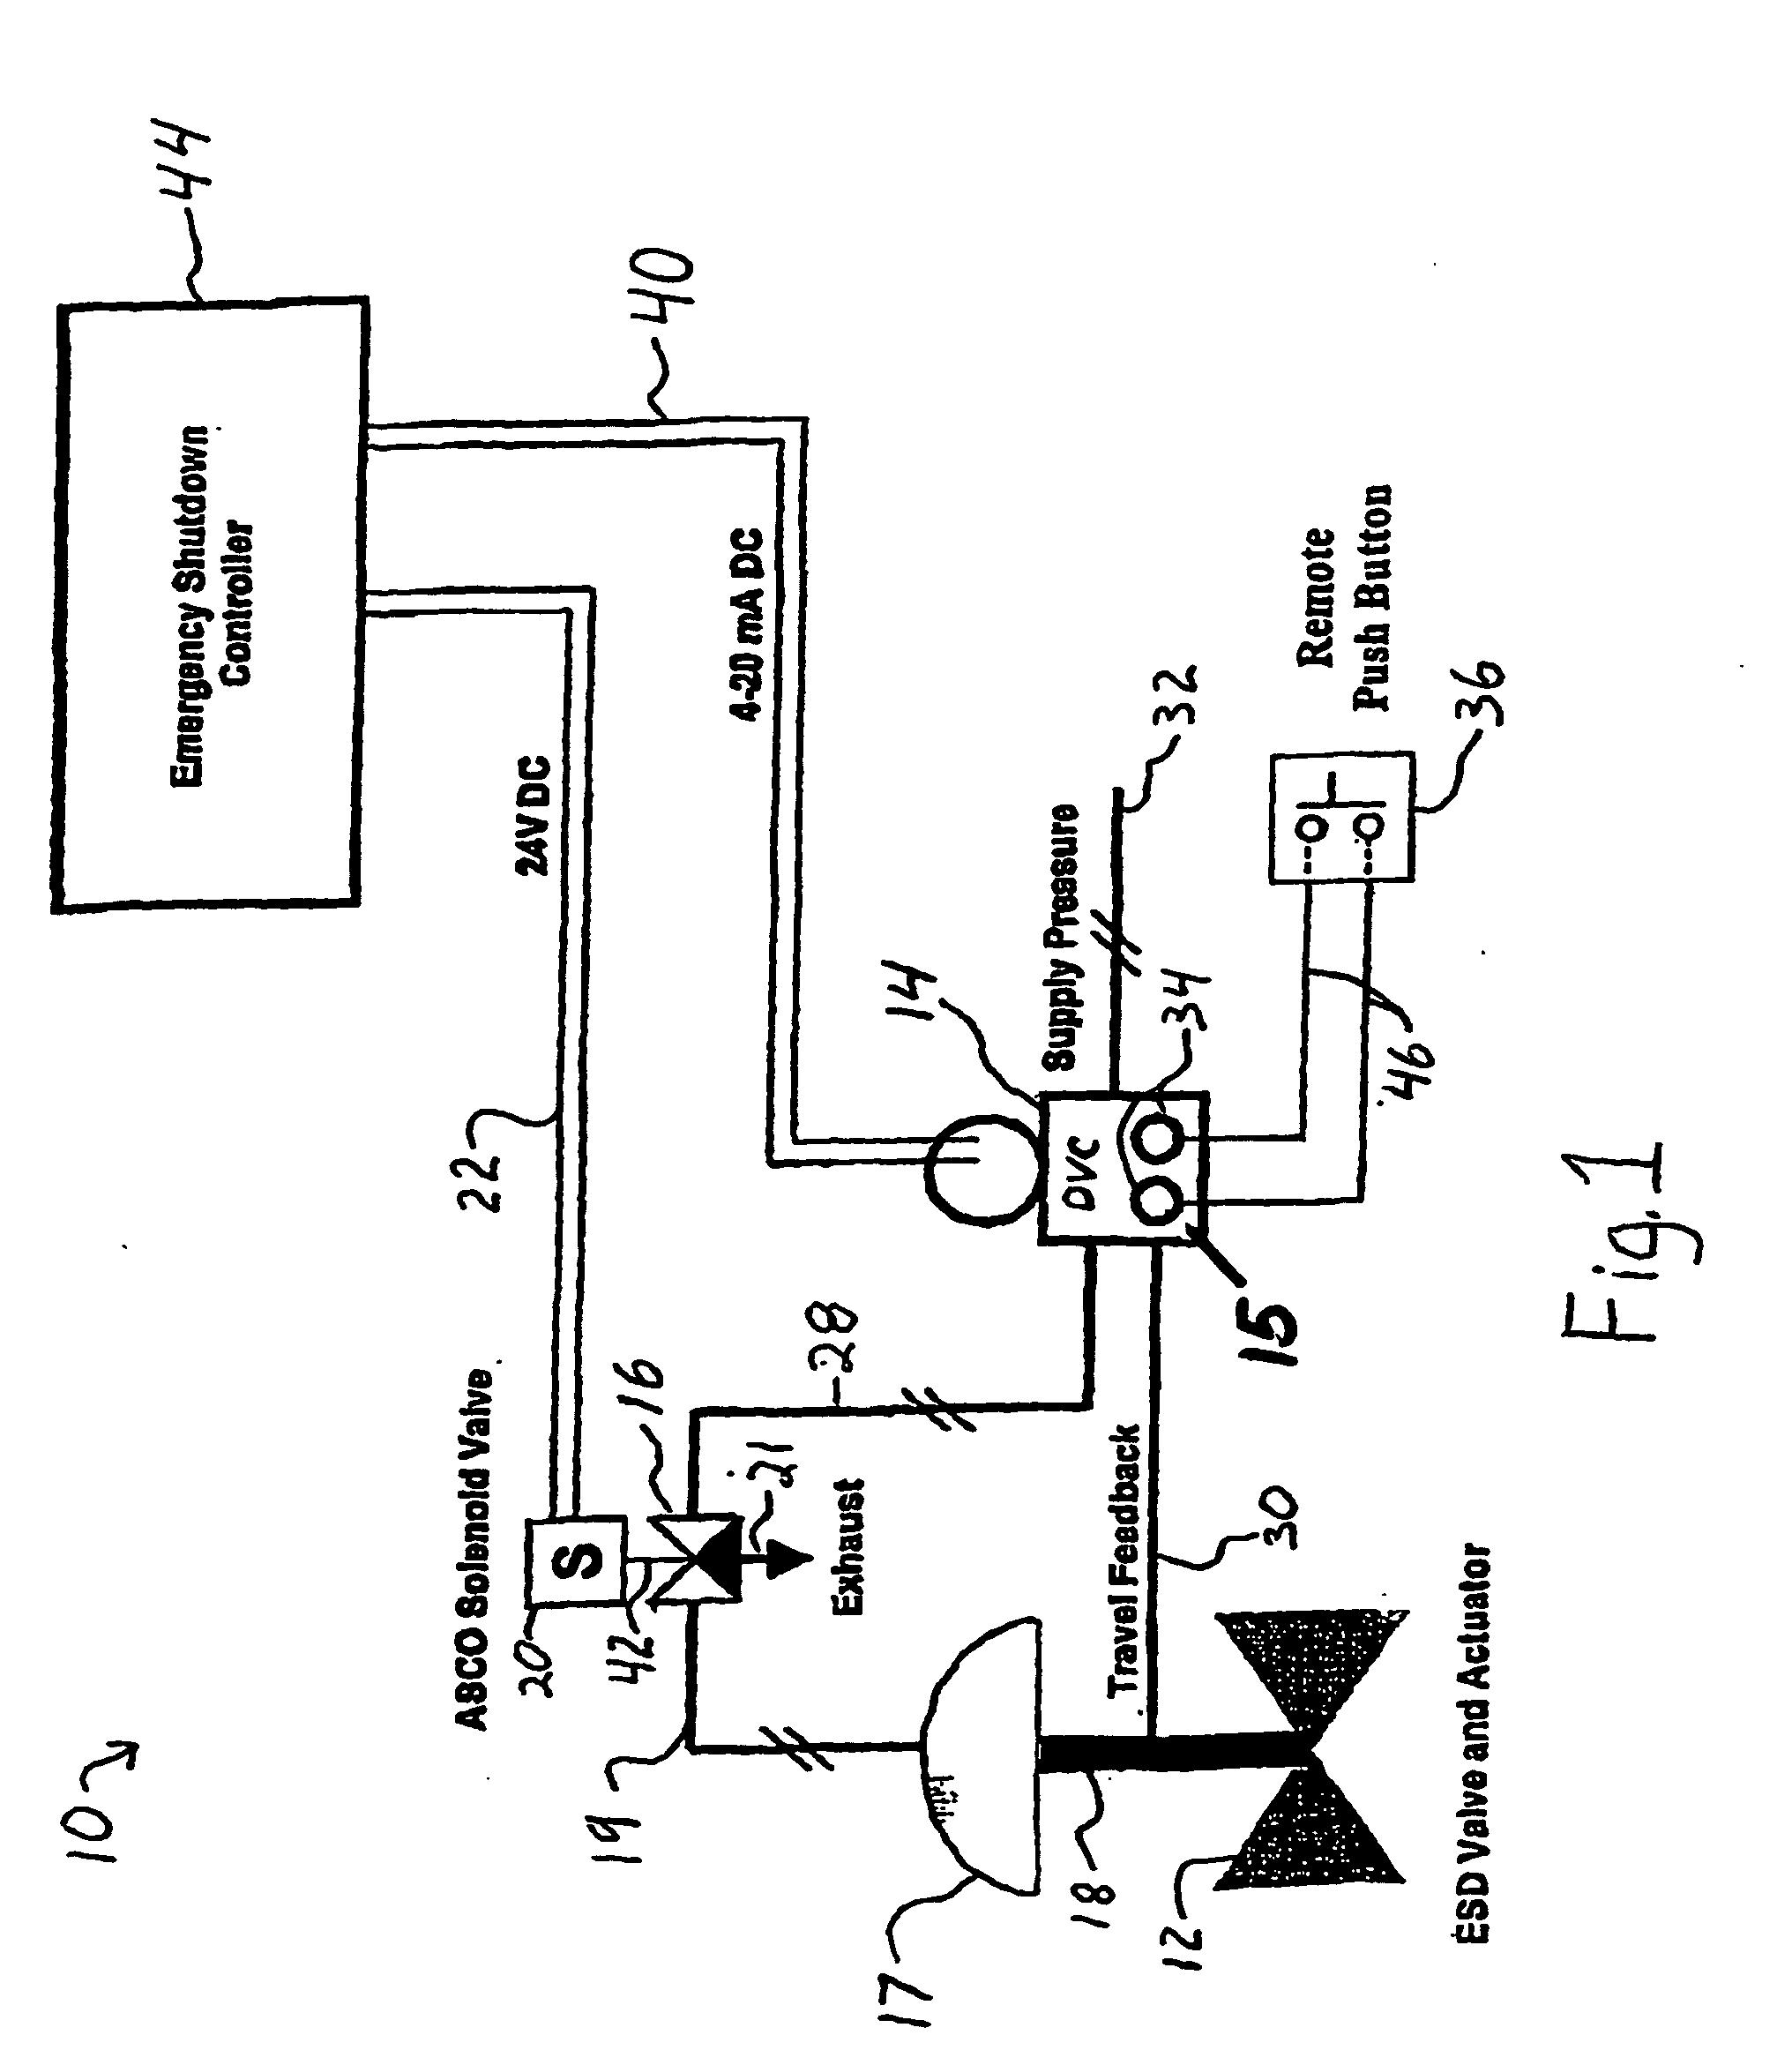 kohler ch18s engine wiring diagram